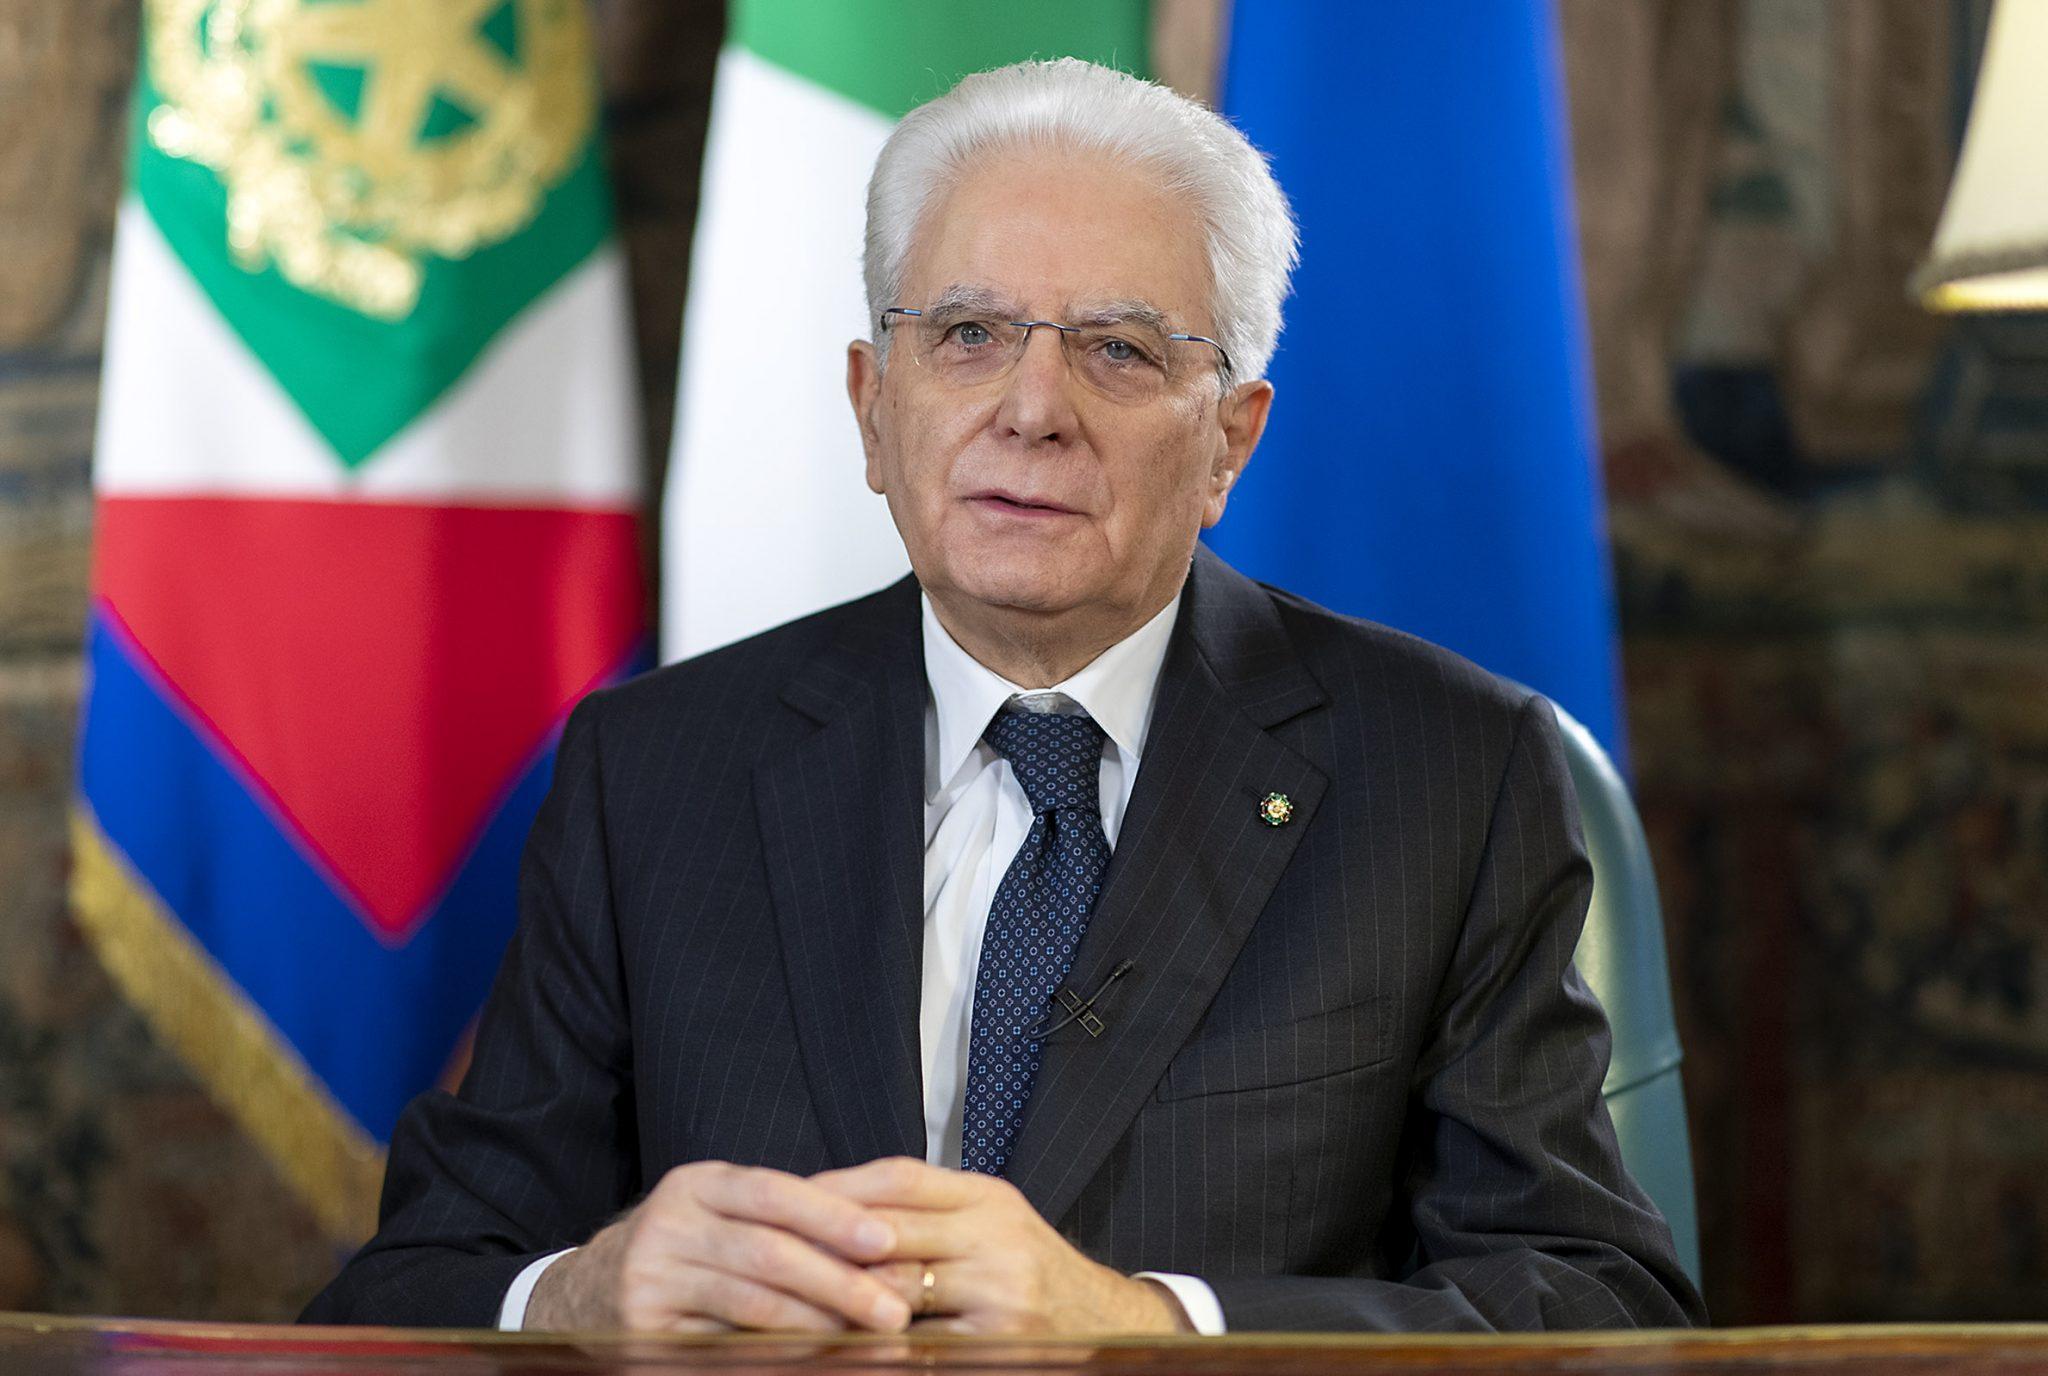 Oggi è il compleanno del presidente Sergio Mattarella